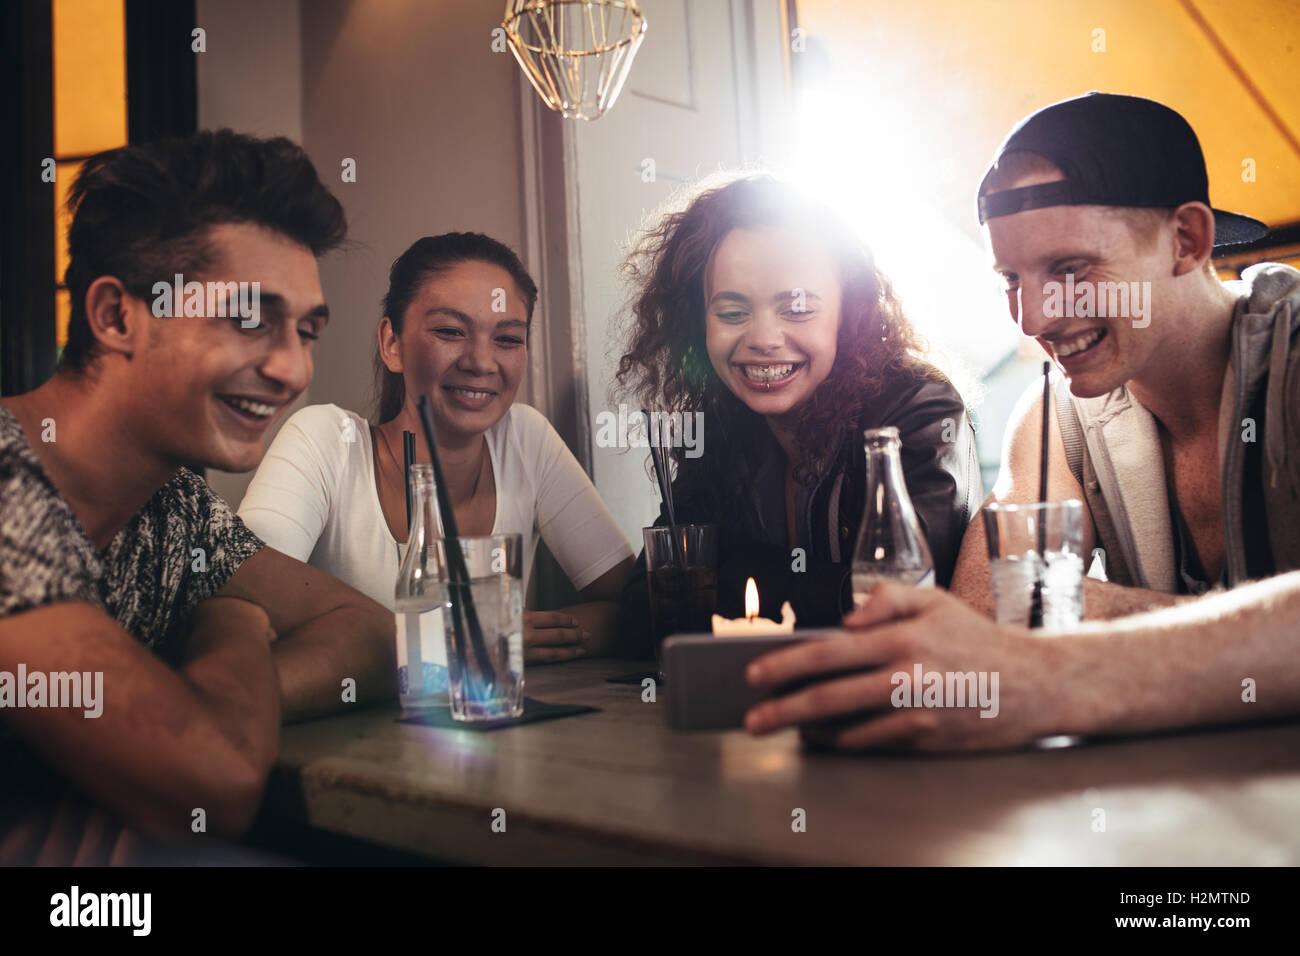 Gruppo di amici seduti insieme in una caffetteria guardando al telefono cellulare e sorridente. Giovane ragazzo Immagini Stock